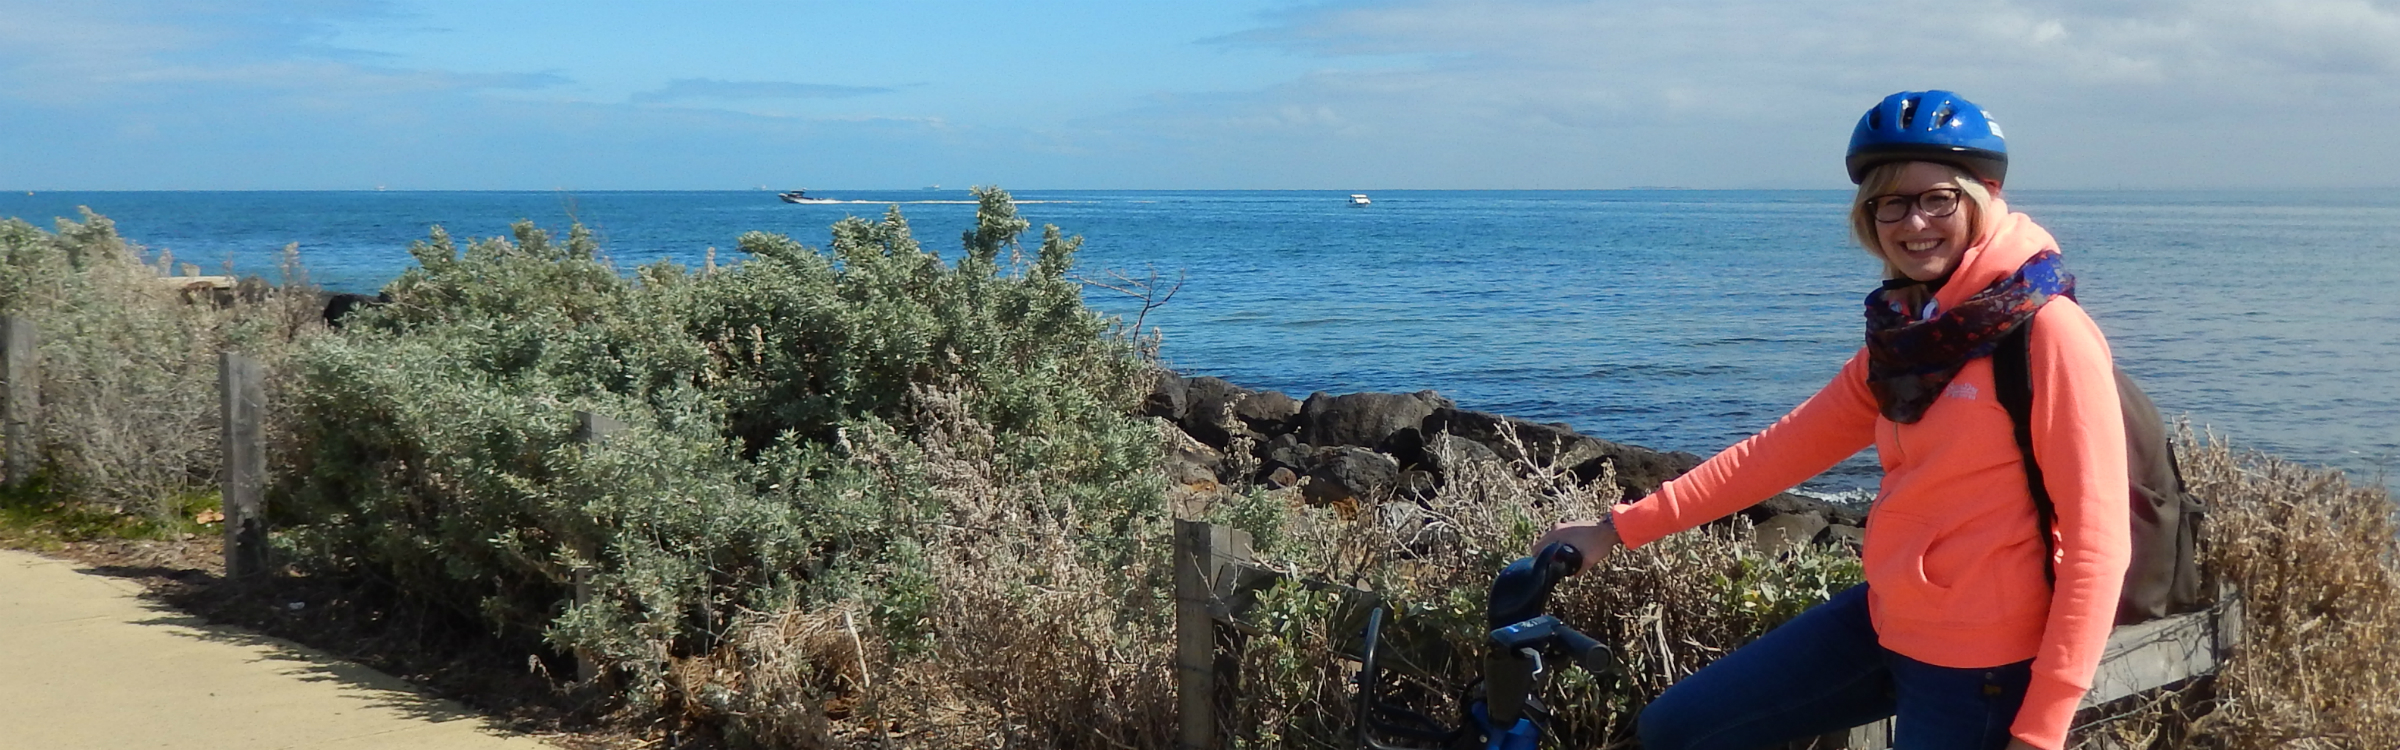 Fietsen langs de kust van melbourne header